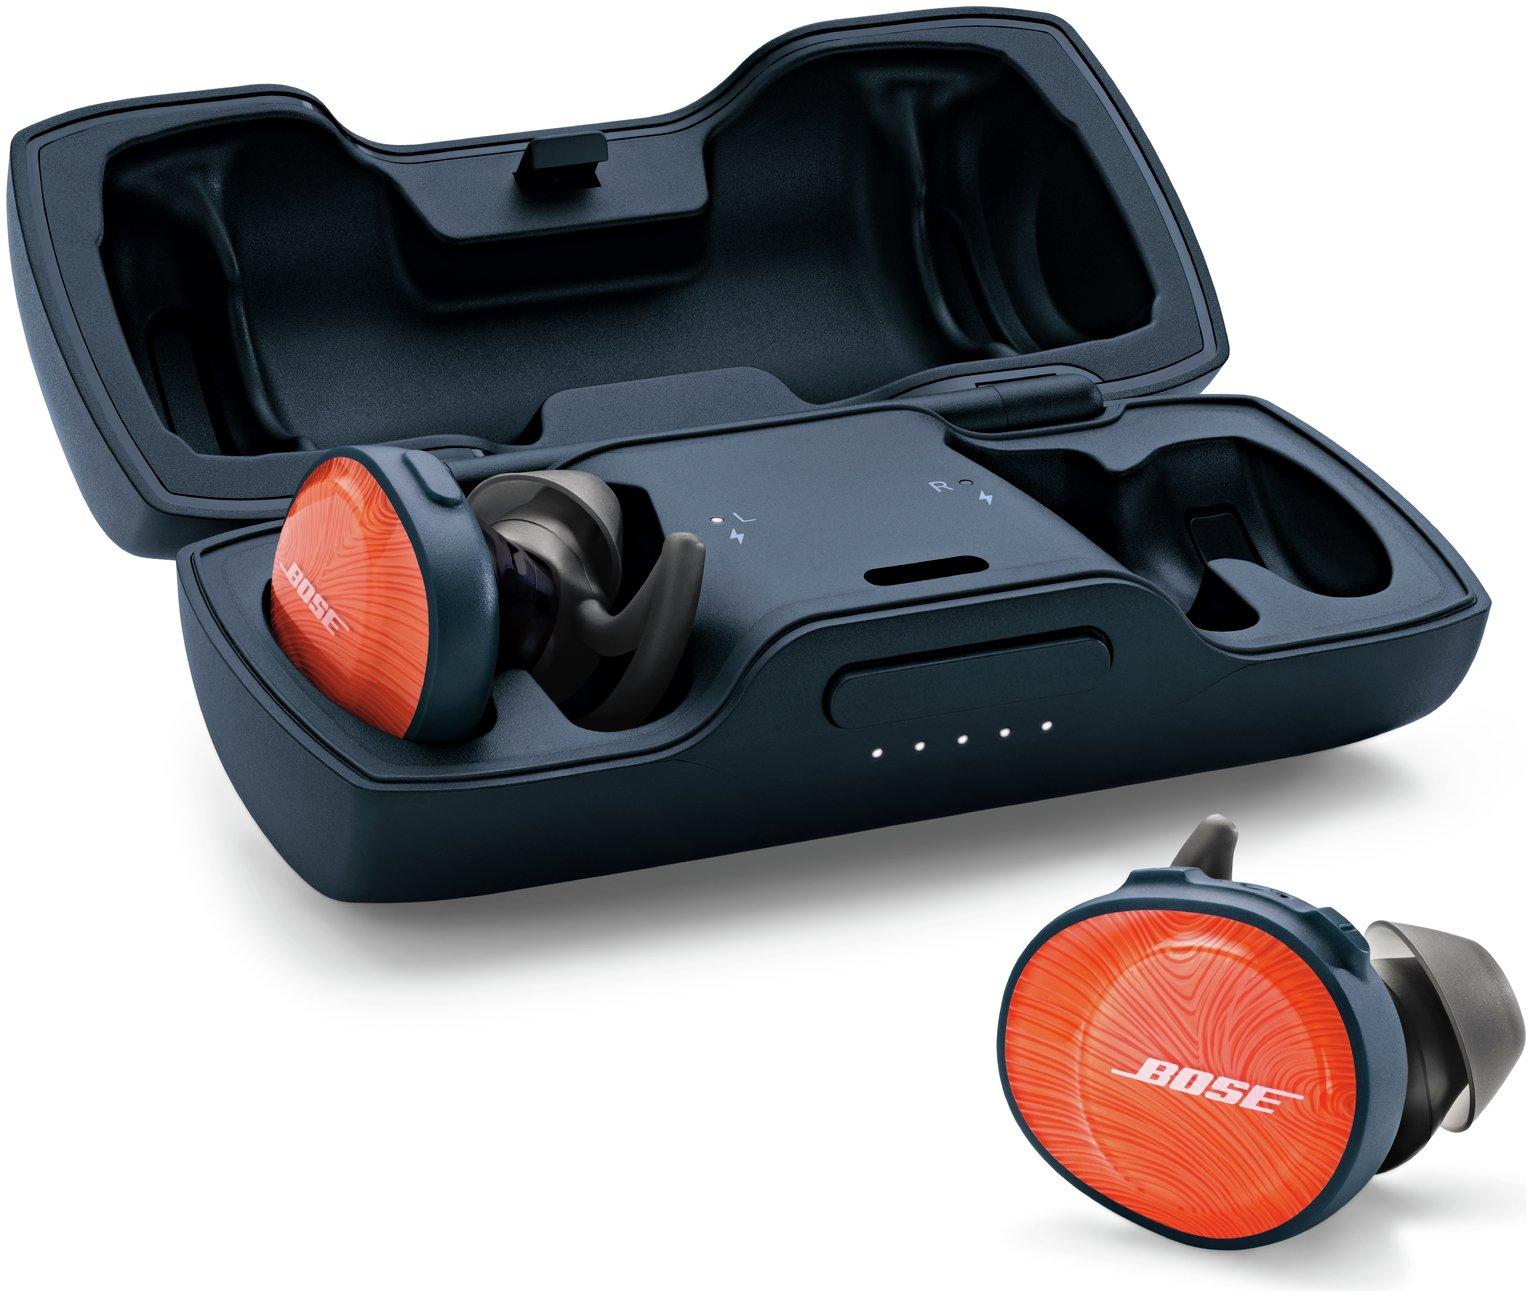 Bose SoundSport Free Wireless In-Ear Headphones - Orange